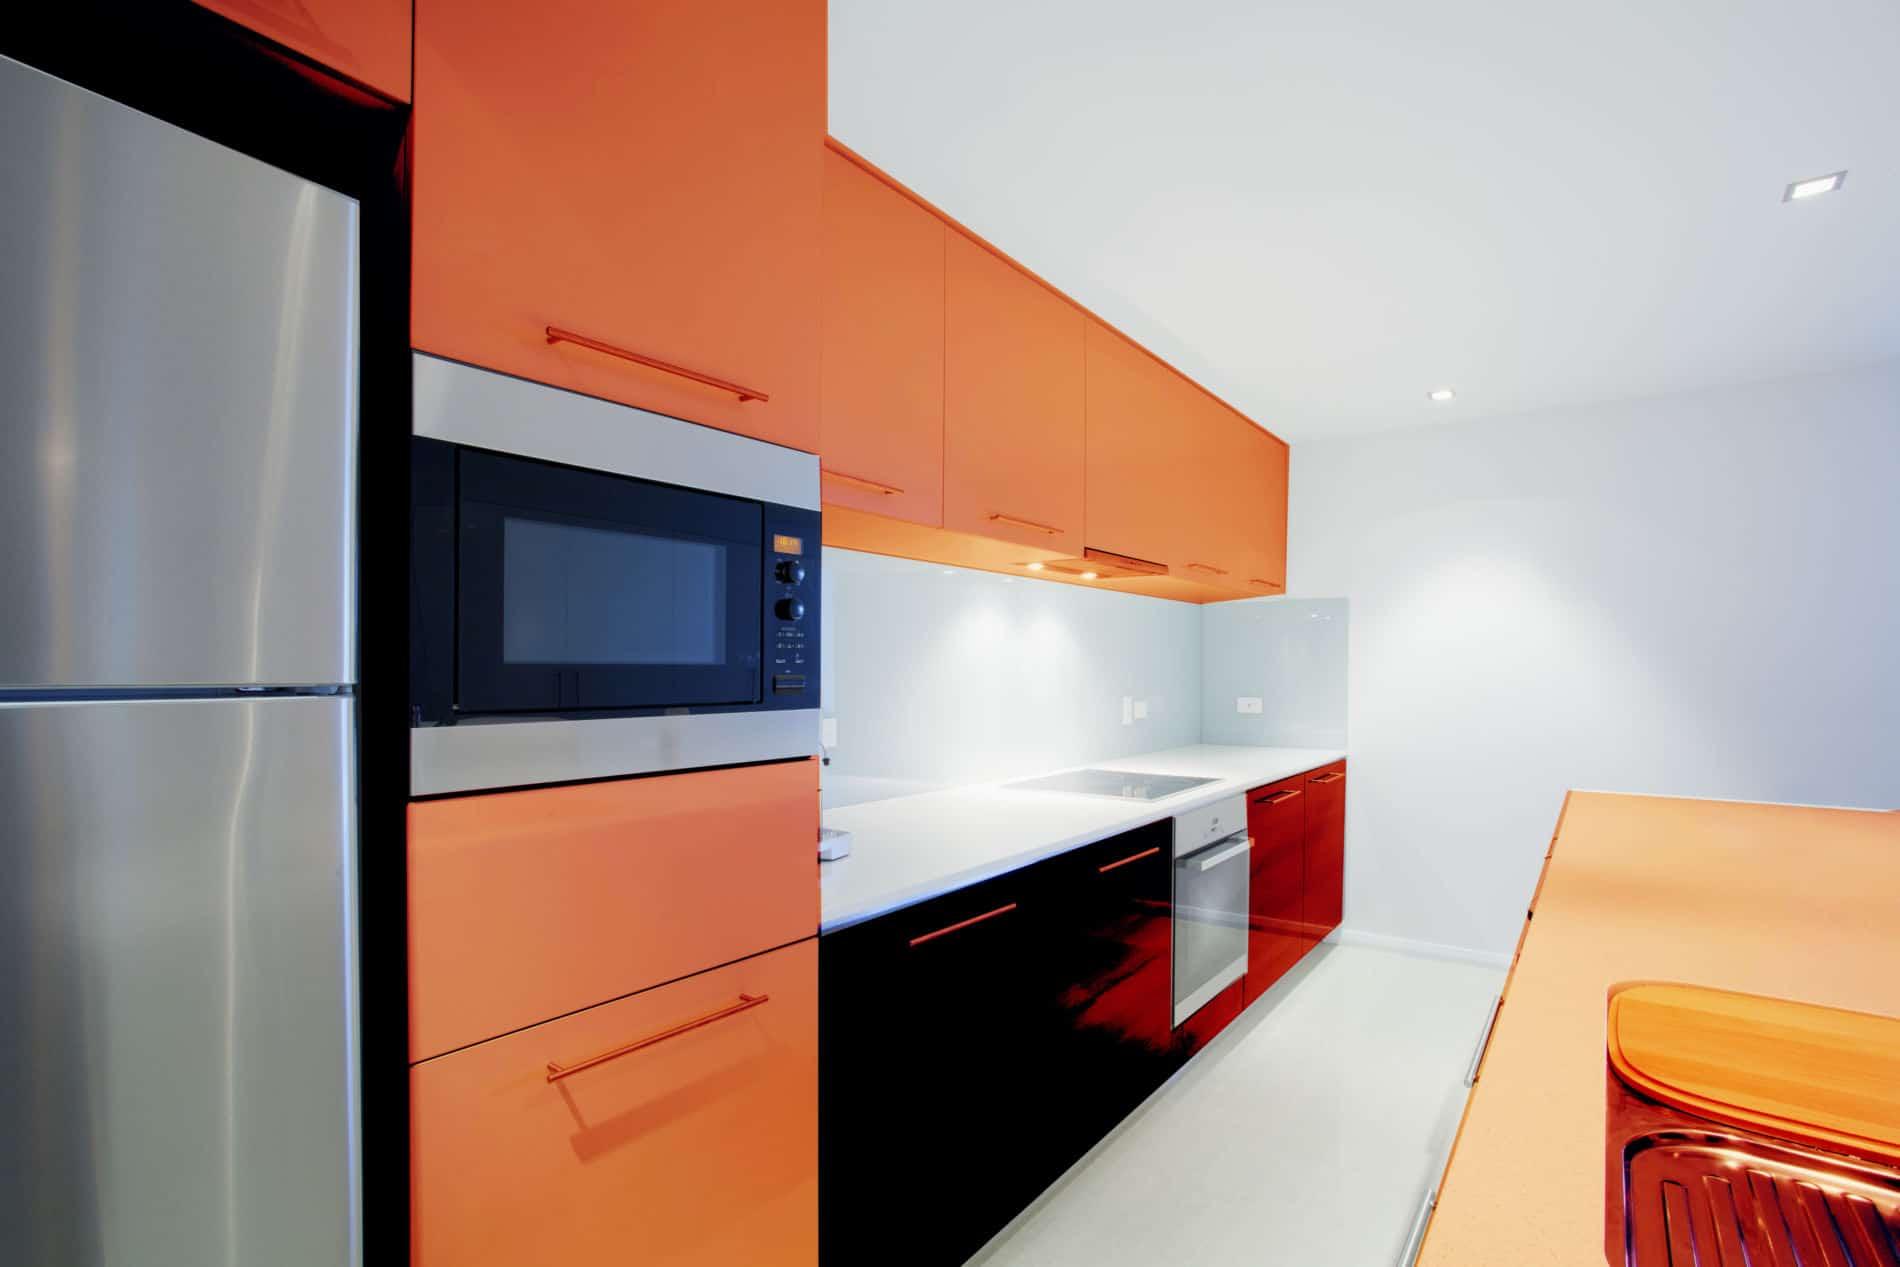 עיצוב מטבחים בהתאמהבעלי החברות לעיצוב והרכבה של מטבחים נותנים שירות מהיר ומקצועי עם רישיון והסמכה שיודעים לתקן בעיות בשטח באופן מהיר תוך כדי הפעלת ציוד מקצועי לניסור עץ במטבח הלקוח